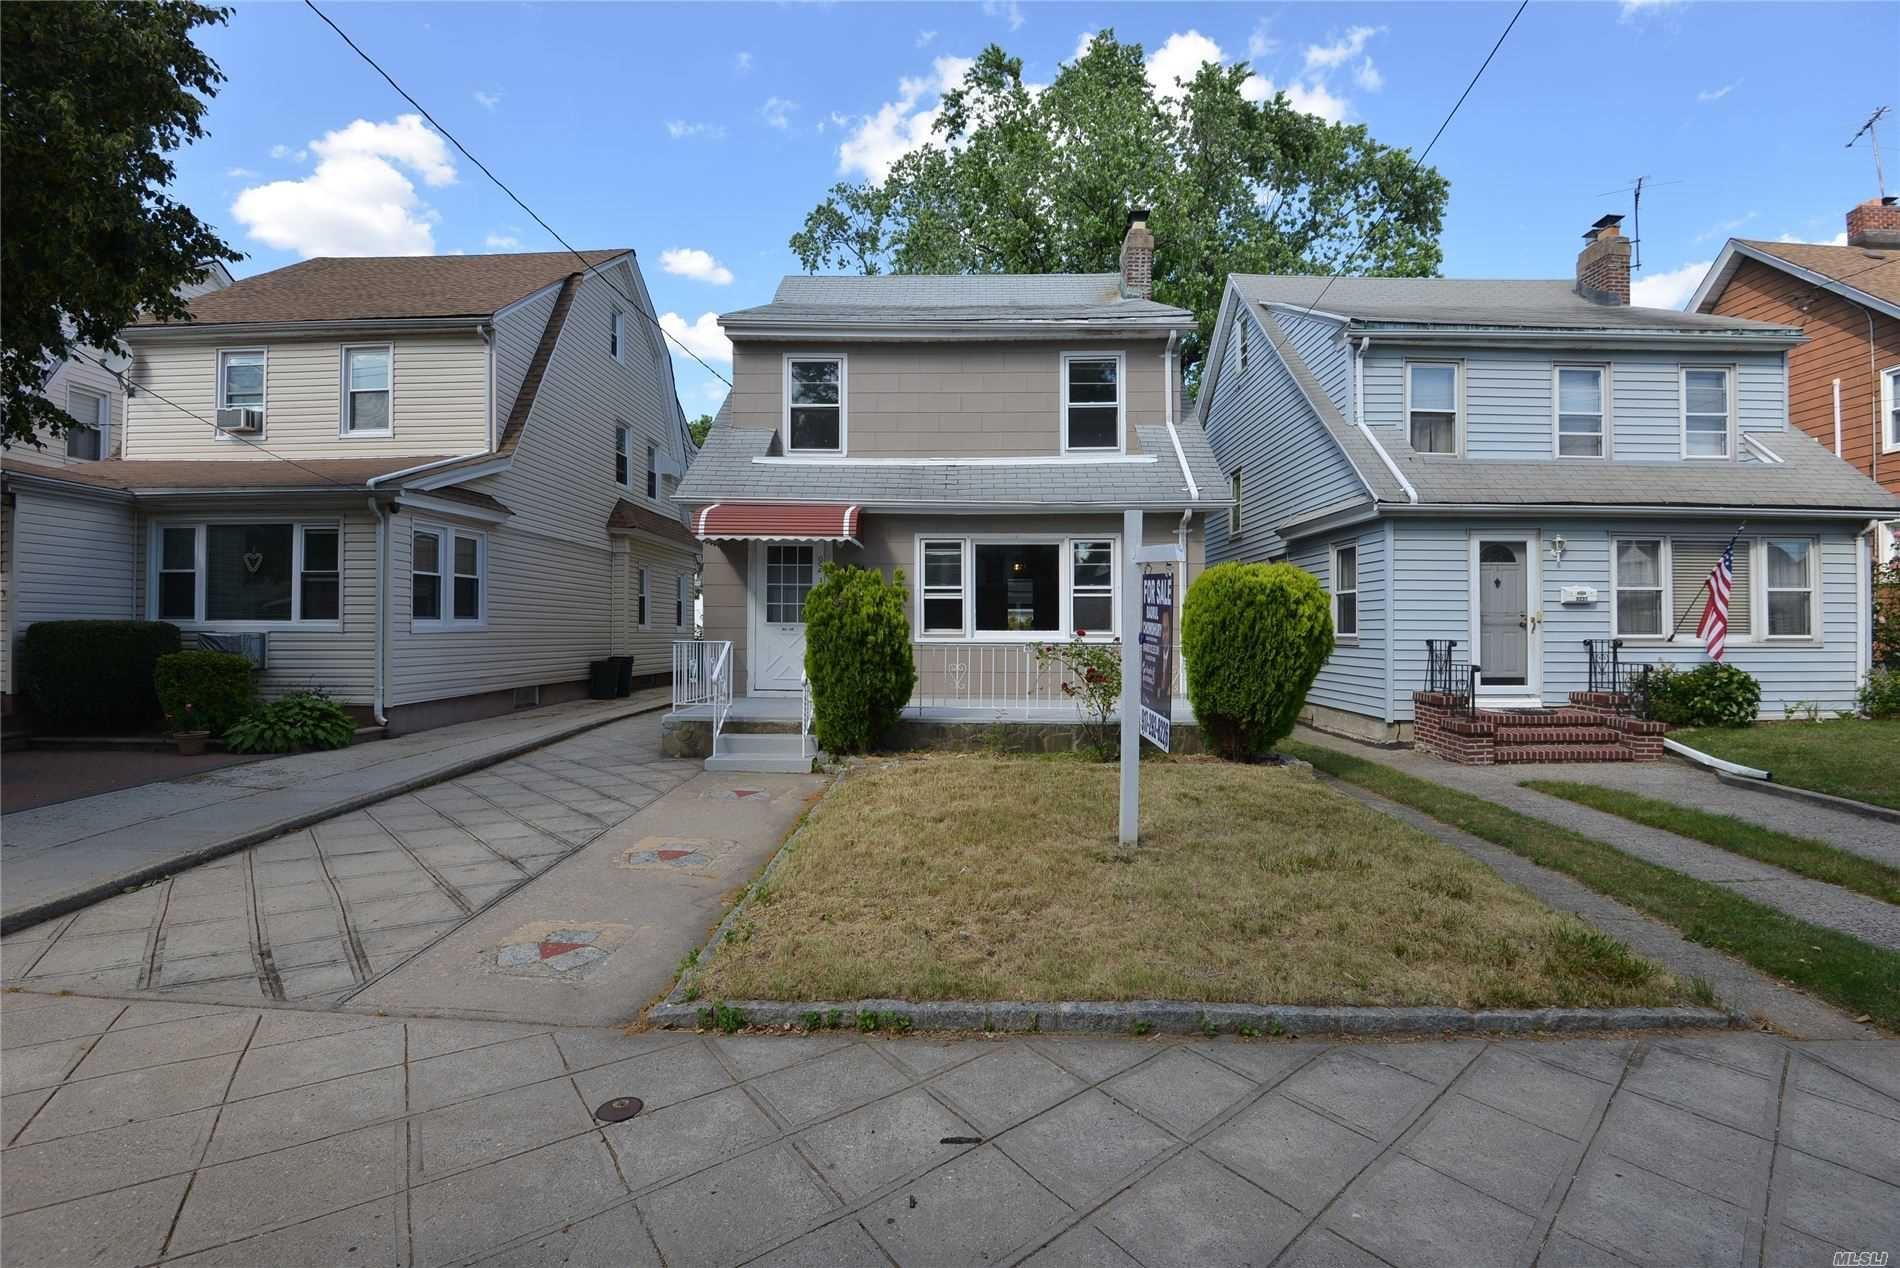 92-35 218 Street, Queens Village, NY 11428 - MLS#: 3225107